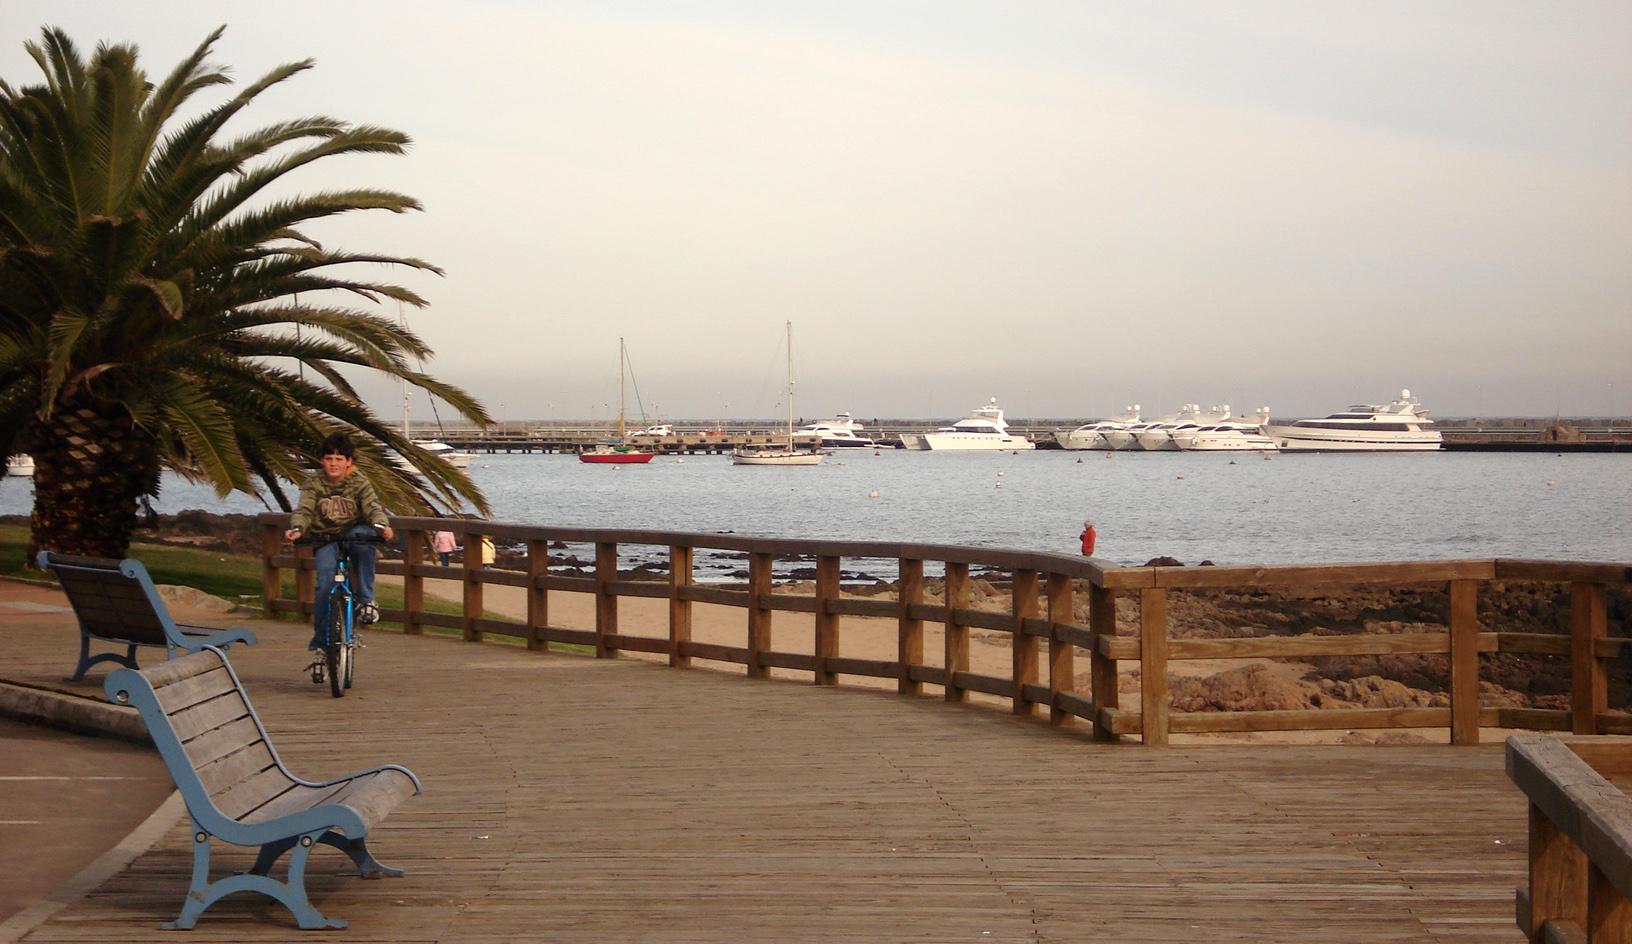 Locations for filming in Uruguay - Punta del Este